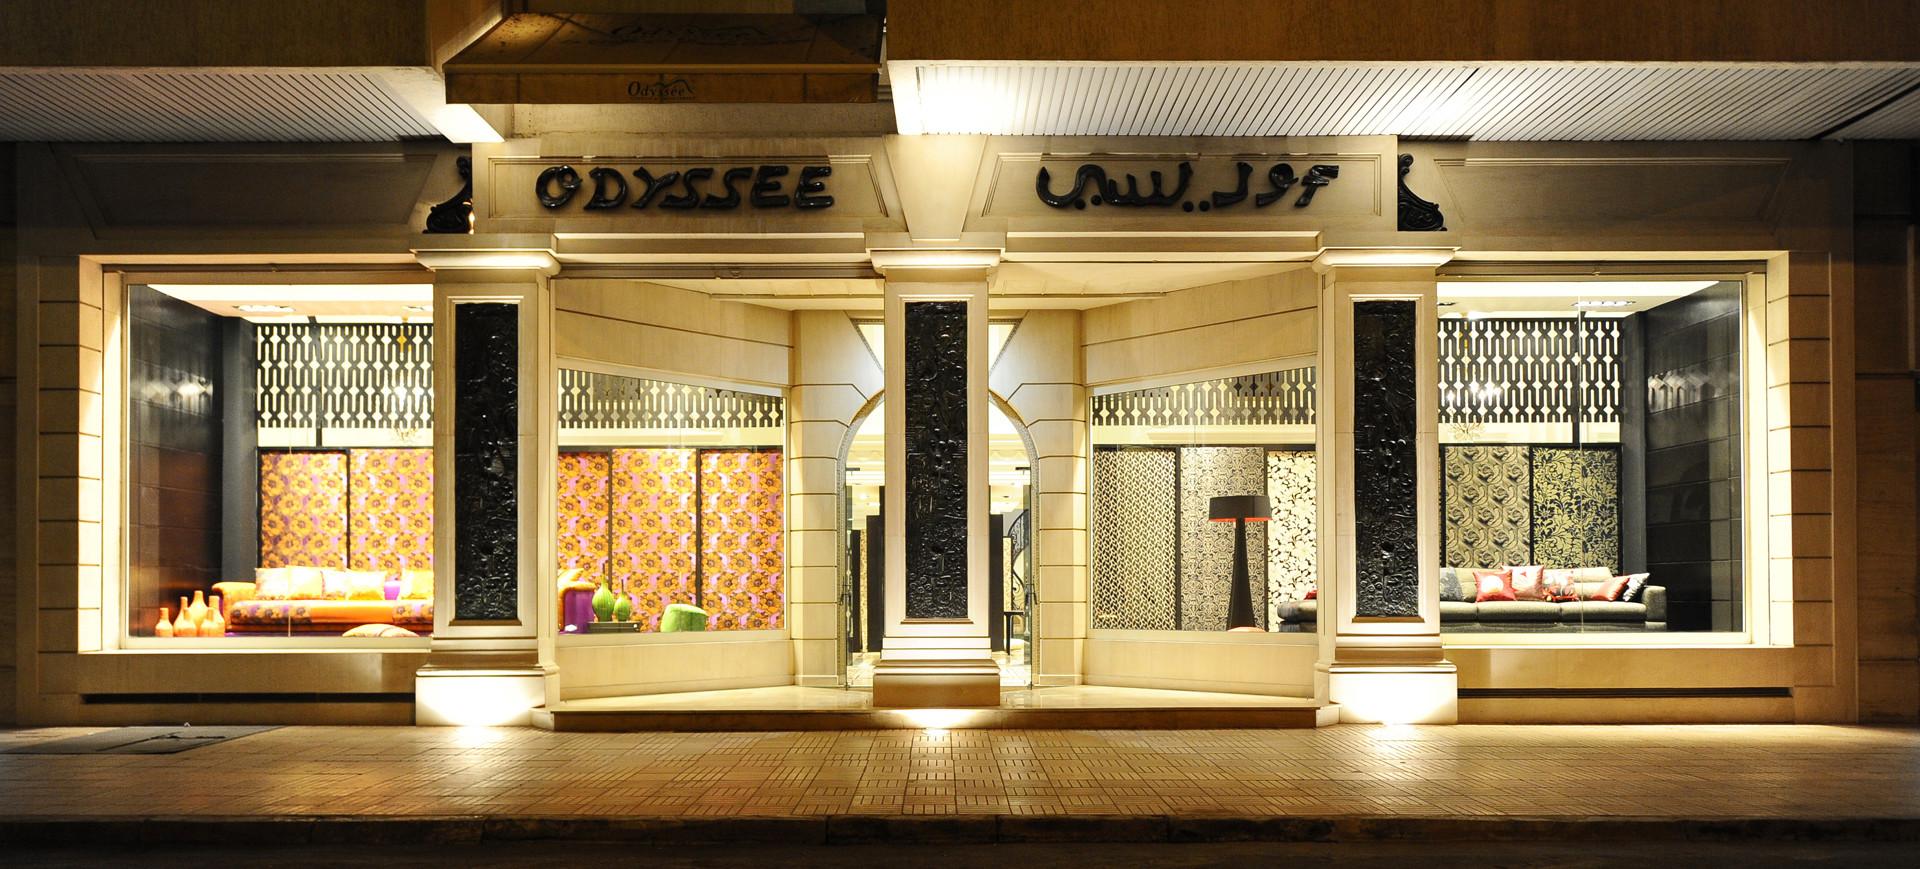 Wisp-Architects- Odysseé Store Casablanca 0